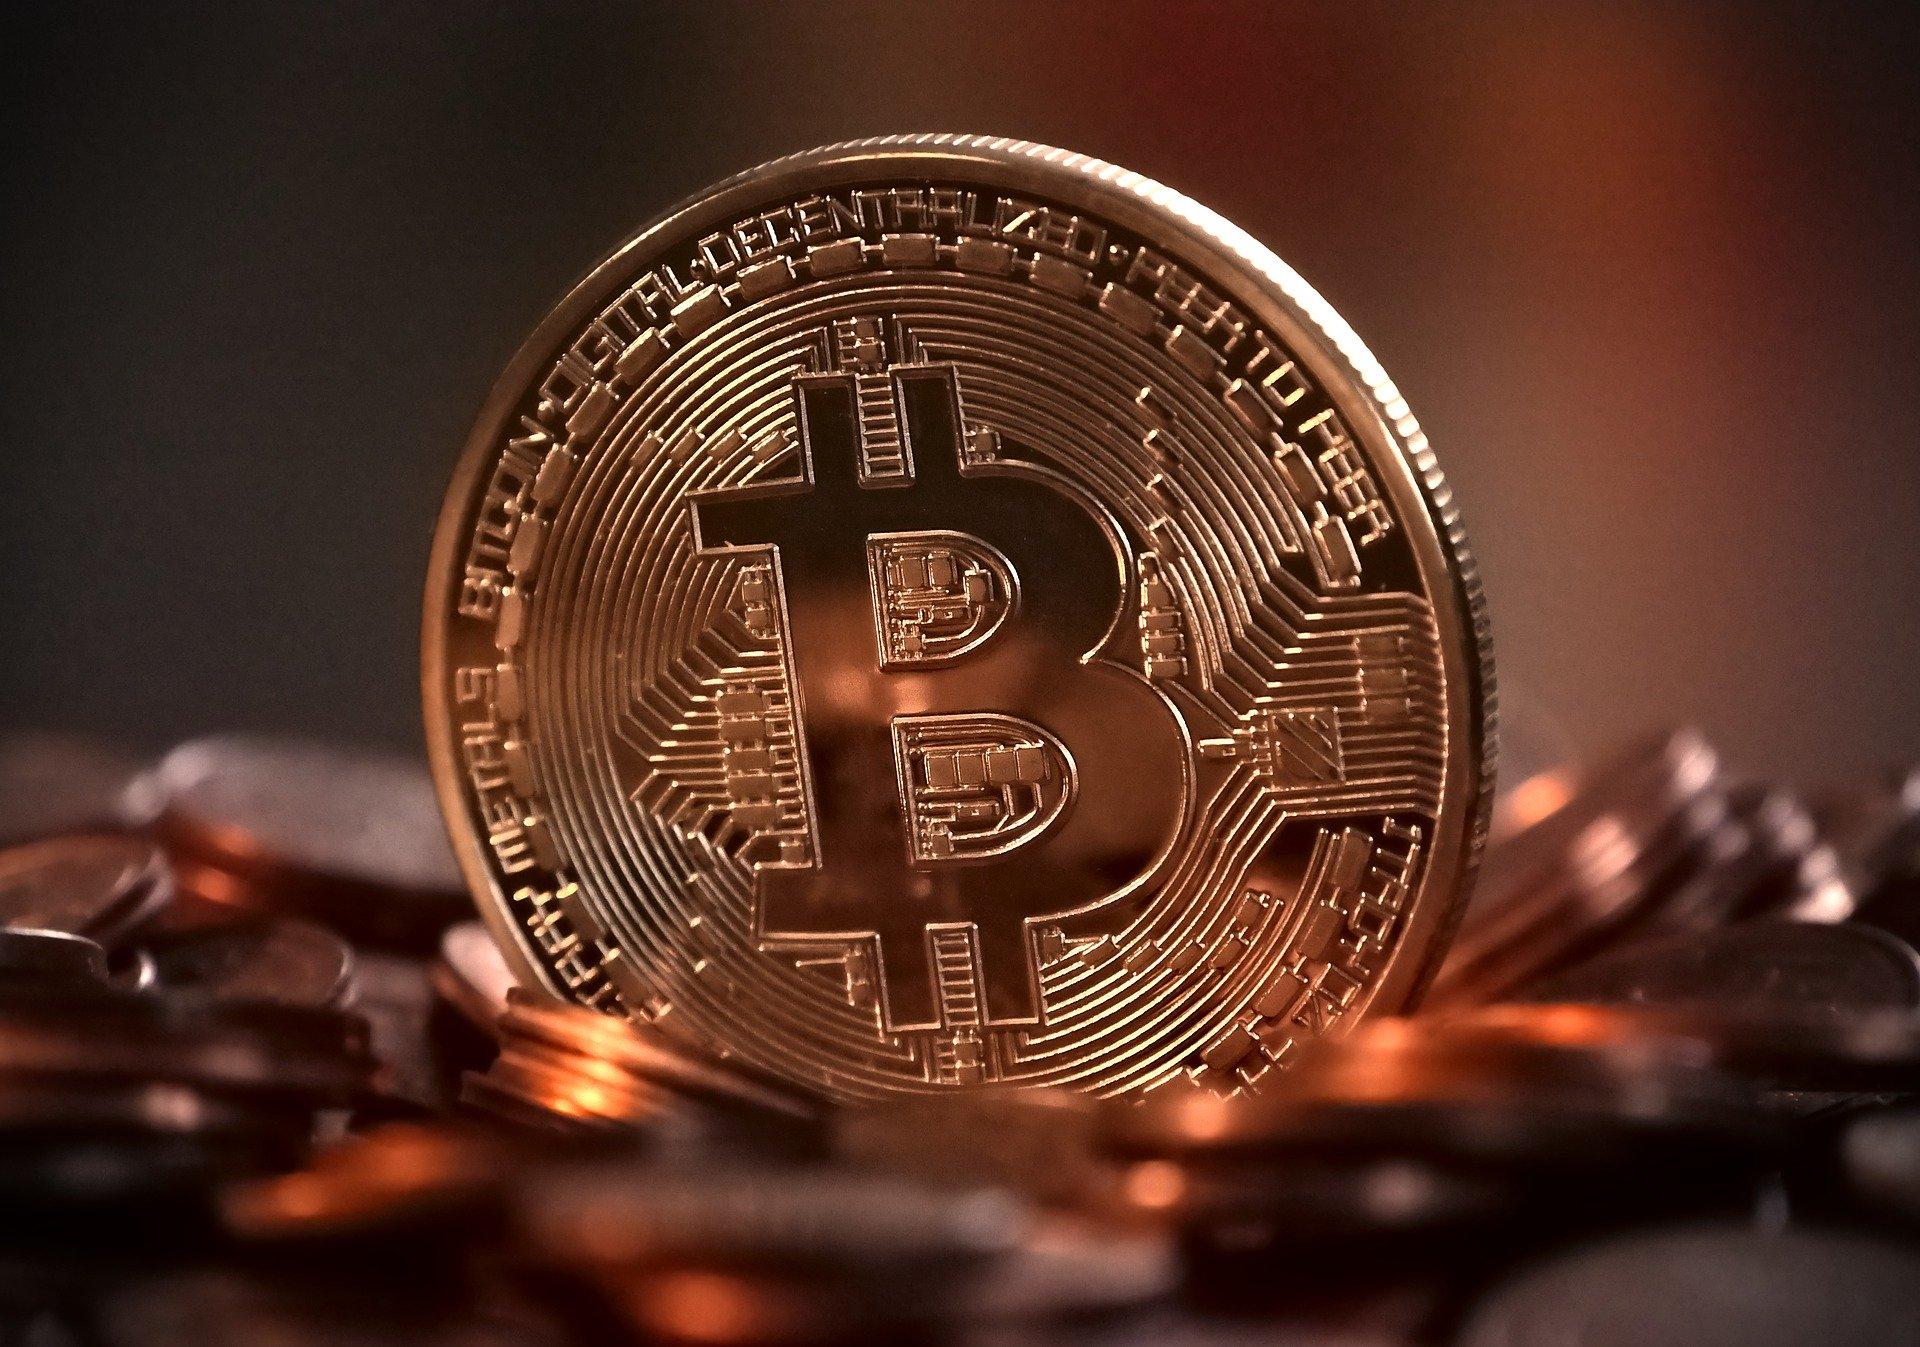 Hersteller von Bergbaumaschinen für Bitmünzen bei Bitcoin Code